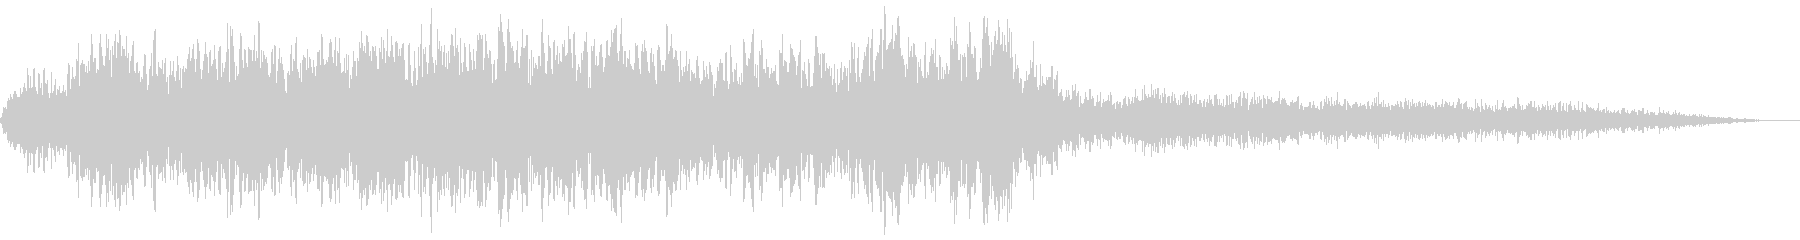 【ダーク】サウンドスケイプ_04の未再生の波形